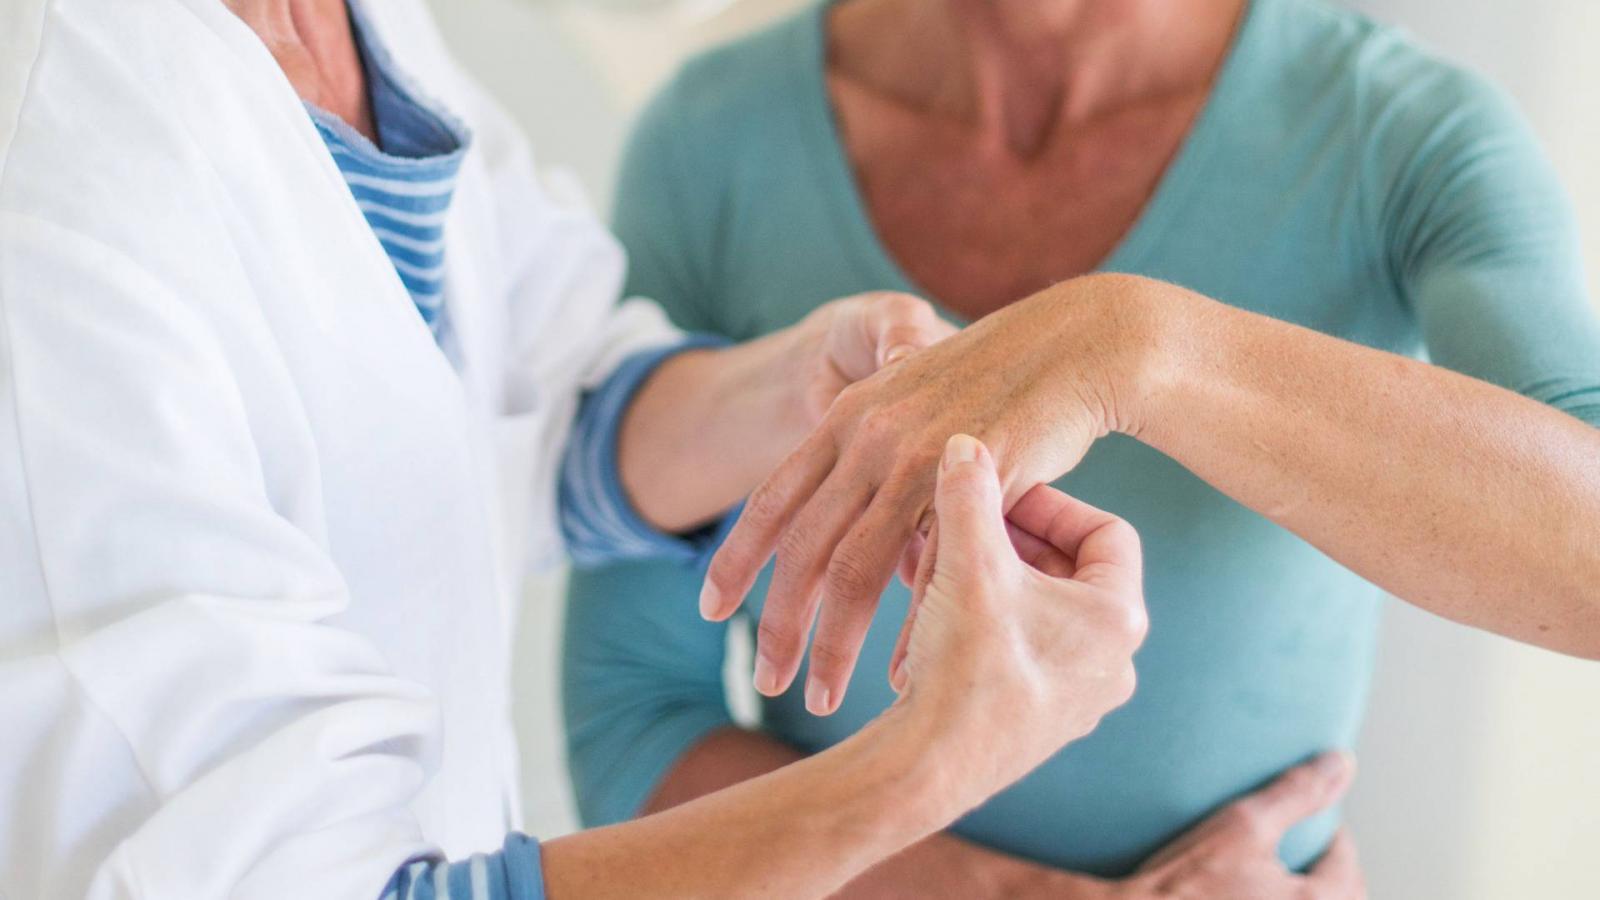 hogyan kezeljük az ízületi gyulladást diszlokáció után